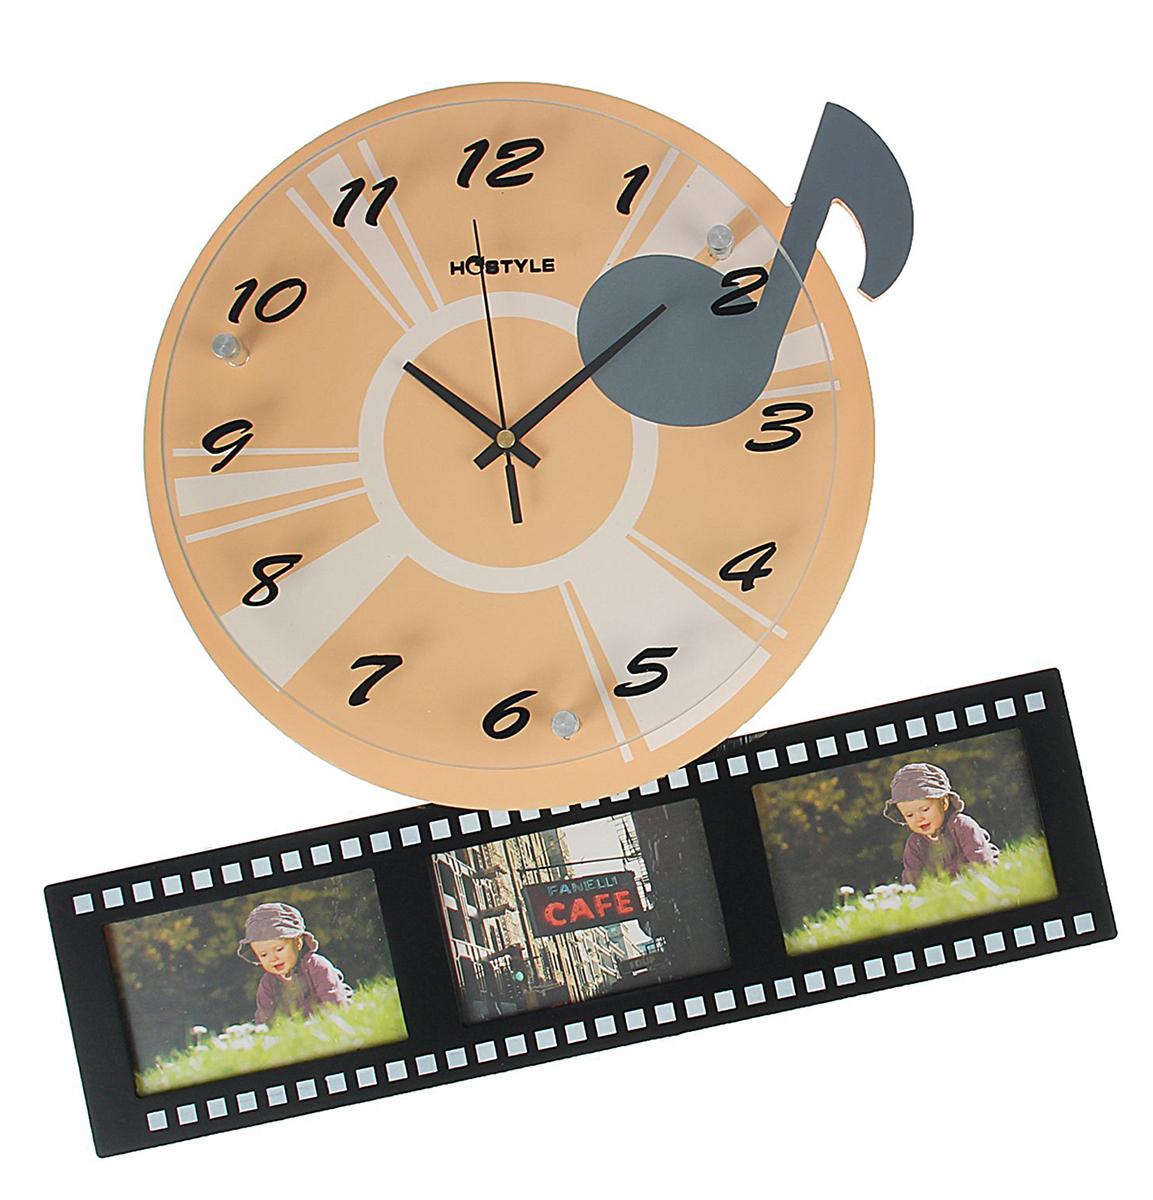 Часы настенные Хайтек. Пленка, 3 фоторамки 7 х 11, 37 х 41 см292897Каждому хозяину периодически приходит мысль обновить свою квартиру, сделатьремонт, перестановку или кардинально поменять внешний вид каждой комнаты.Часы настенные Пленка с часами — привлекательная деталь, которая поможетвоплотить вашу интерьерную идею, создать неповторимую атмосферу в вашемдоме. Окружите себя приятными мелочами, пусть они радуют глаз и дарятгармонию.